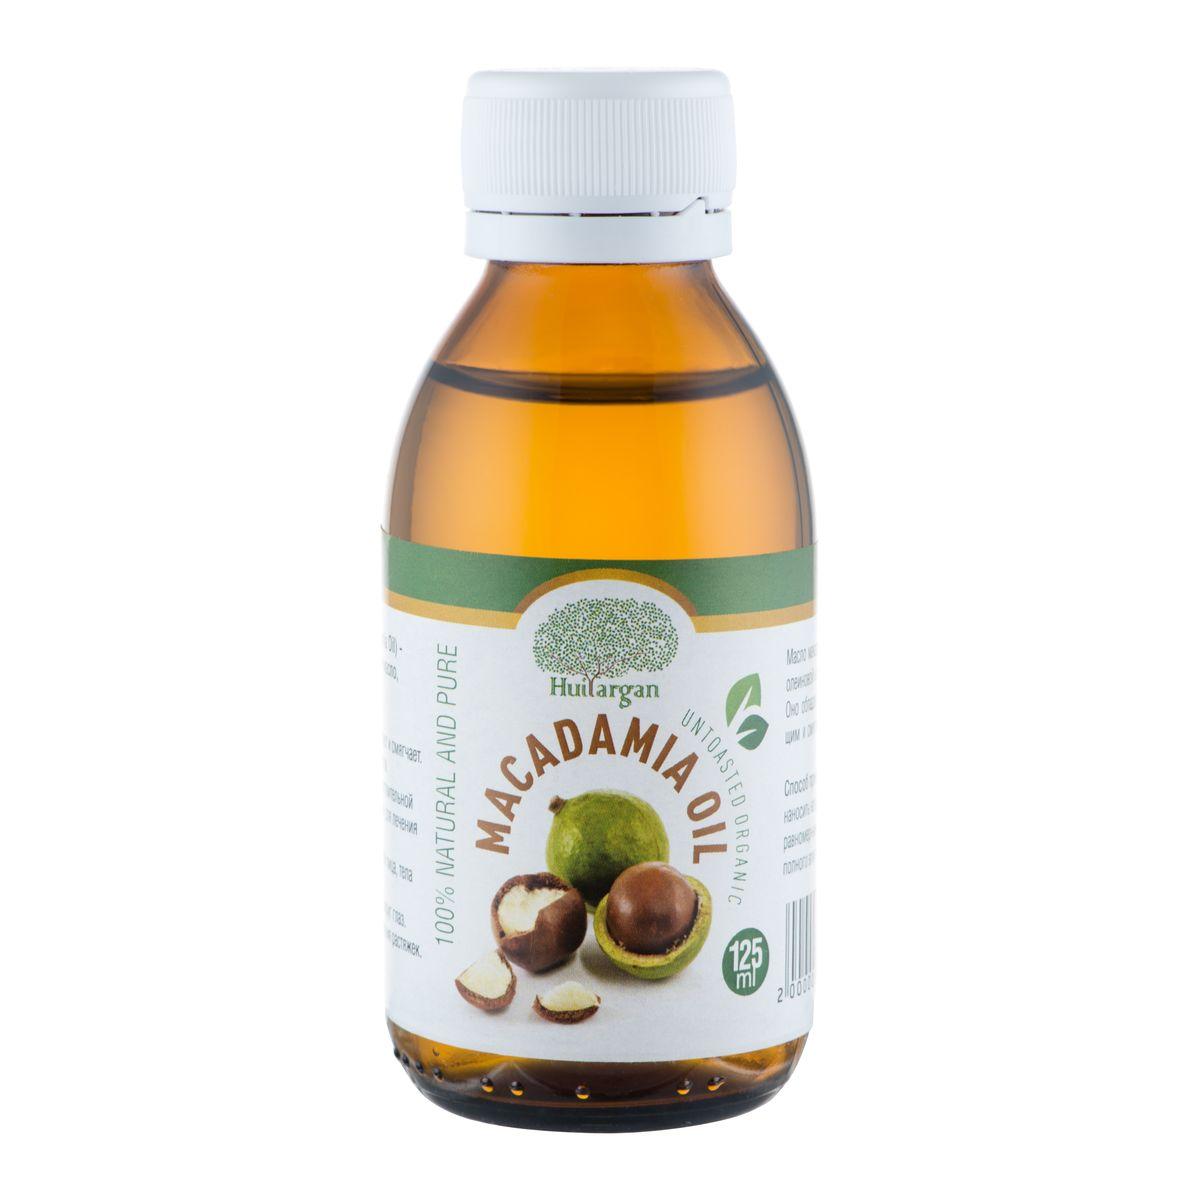 Huilargan Масло Макадамия, 100% органическое, 125 мл2000000008622Масло Макадамия (Macadamia Oil) - 100% чистое и натуральное масло, холодного отжима. - Восстанавливает, питает, защищает и смягчает. - Способствует заживлению ожогов. - Рекомендуется для нежной, чувствительной кожи. Идеально для сухой кожи, для лечения трещин. - Используется для ухода за кожей лица, тела и за волосами. - Подходит для ухода за кожей вокруг глаз. - Рекомендуется для предотвращения растяжек. Масло макадамии богато содержанием олеиновой и пальметиновой кислотами. Оно обладает питательным, ухаживающим и смягчающим действием.